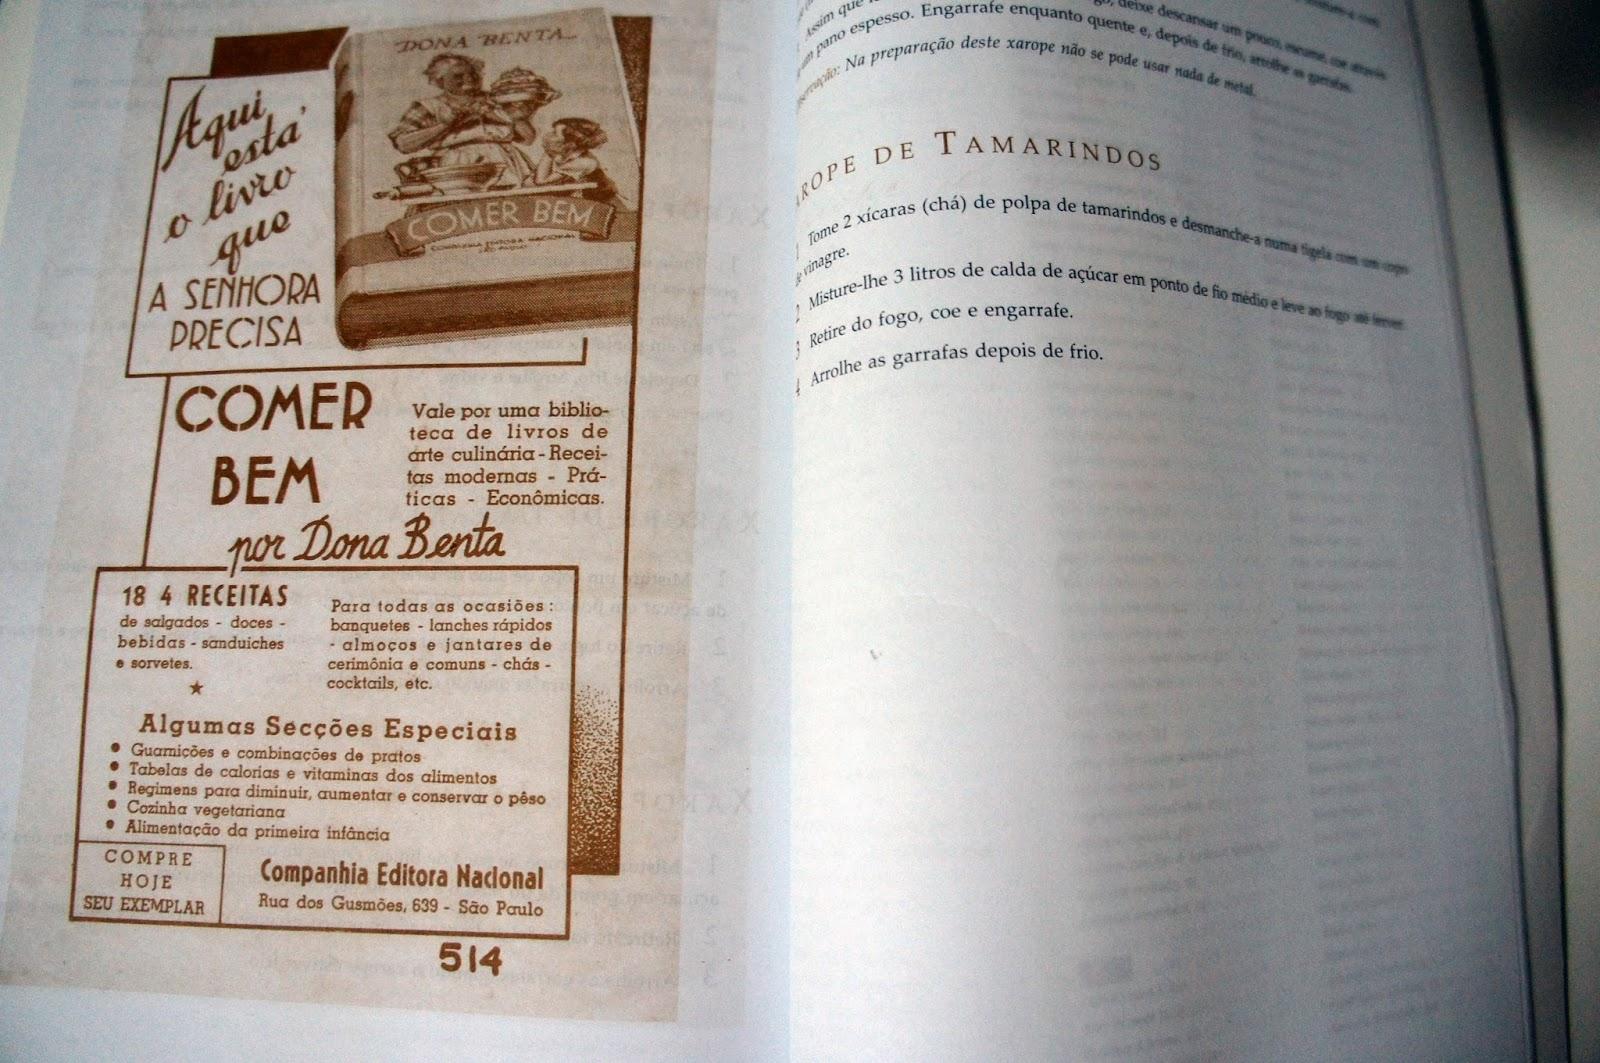 Livro para ter dona benta comer bem guardanapo de papel for Manual tecnicas culinarias